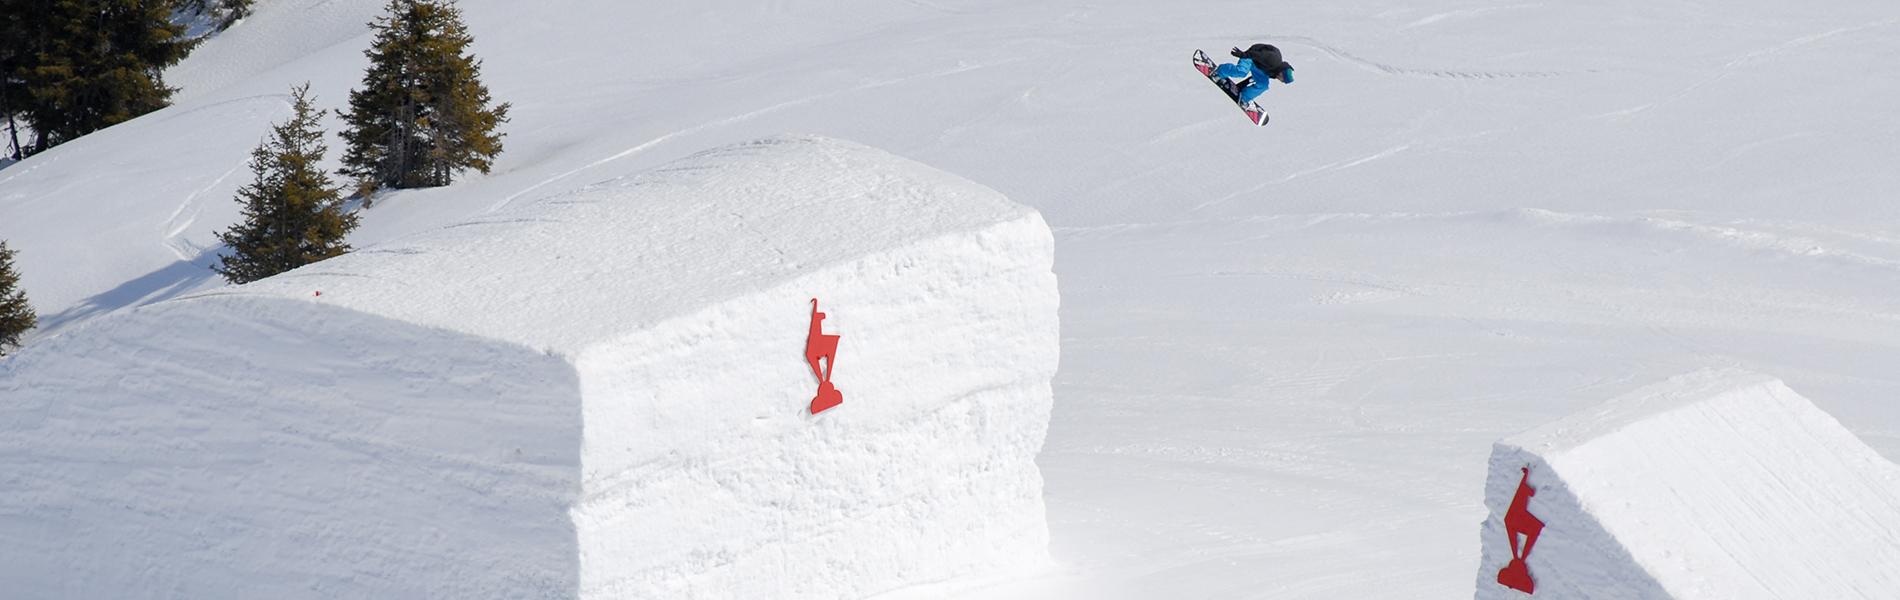 10 Jahre und kein bisschen ruhiger – Happy Birthday, Snowpark Kitzbühel!